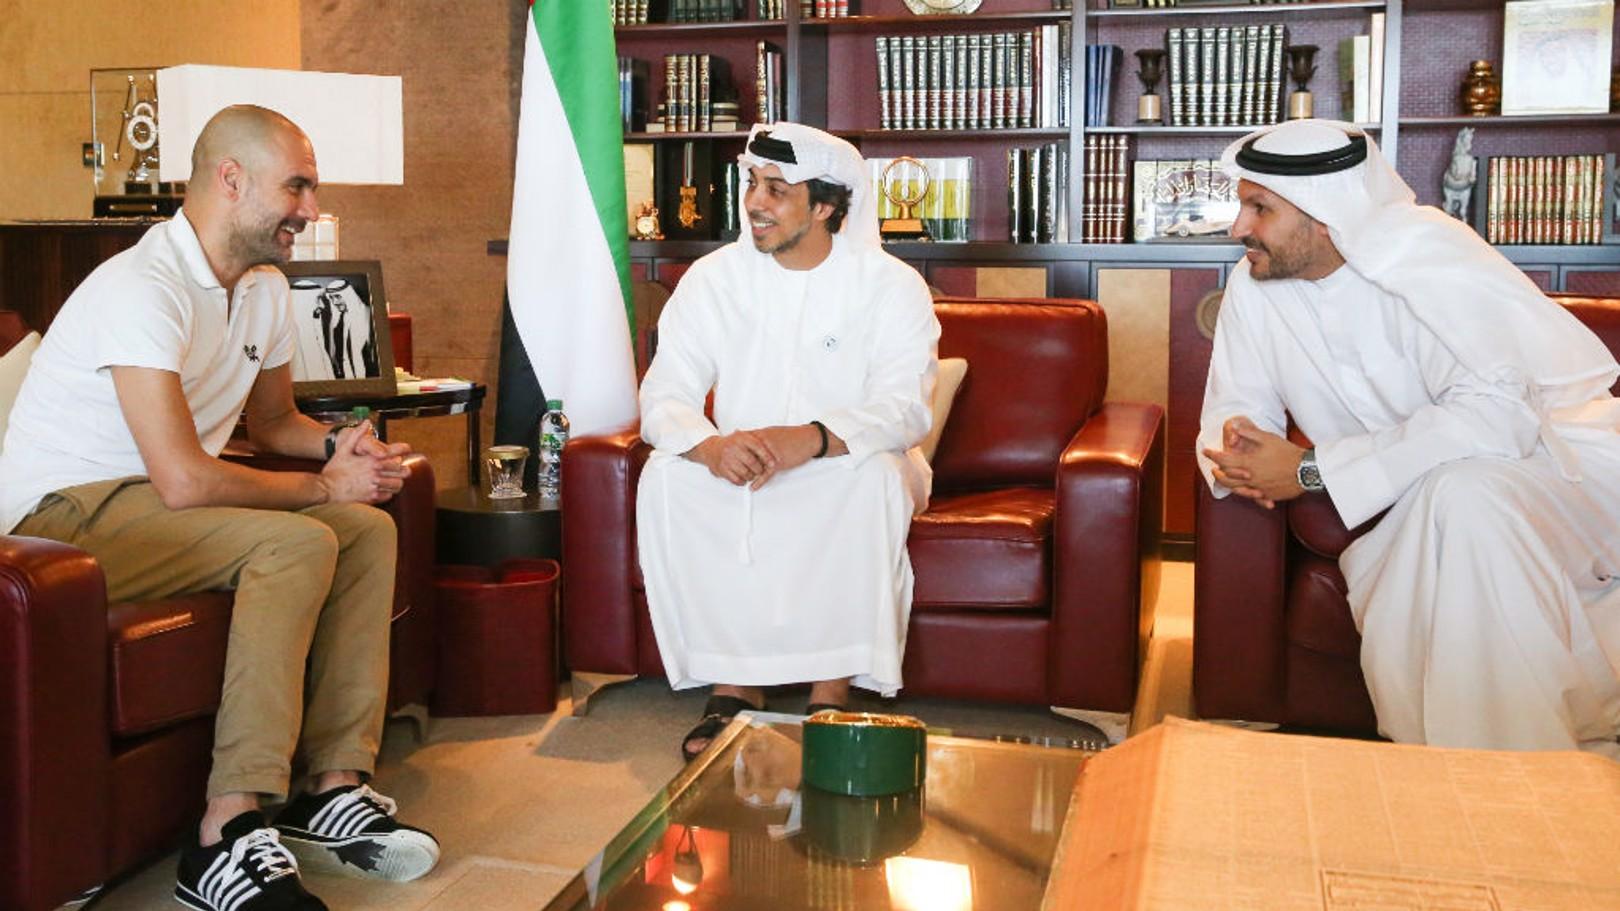 لقاء سمو الشيخ منصور بن زايد آل نهيان ورئيس النادي خلدون المبارك مع المدير الفني بيب جوارديولا.